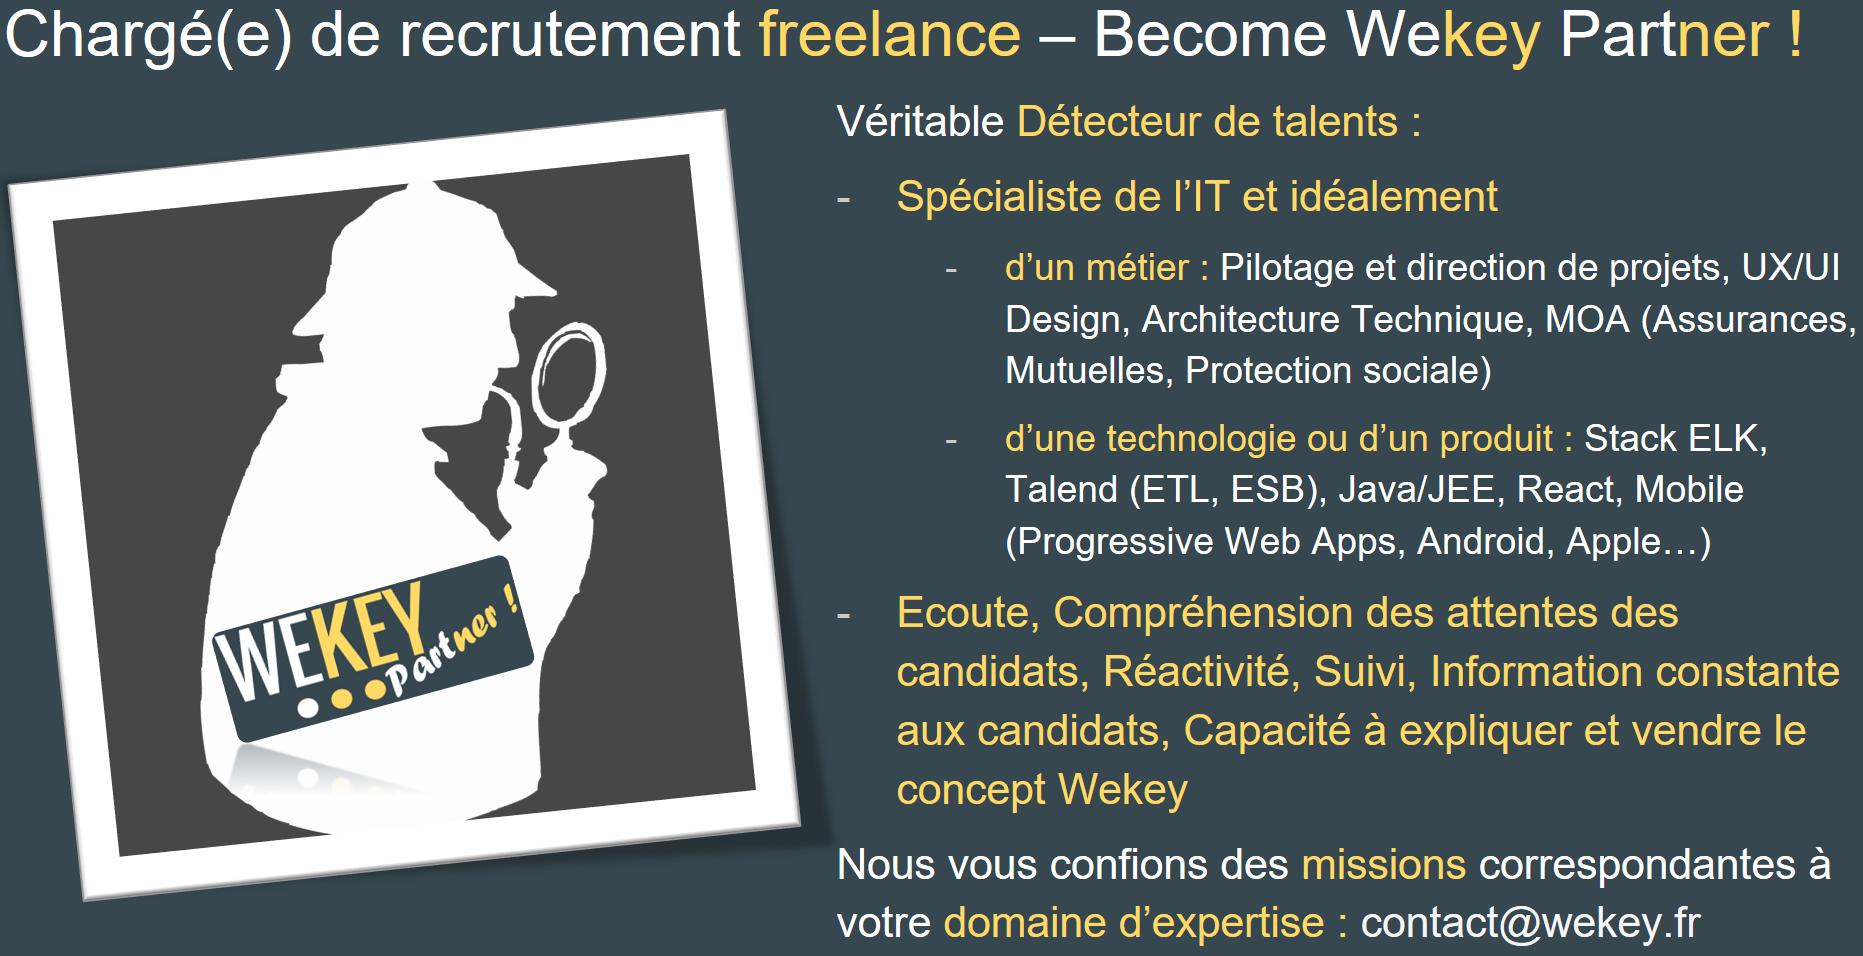 Wekey recherche des Chargé(e)s de recrutement freelance